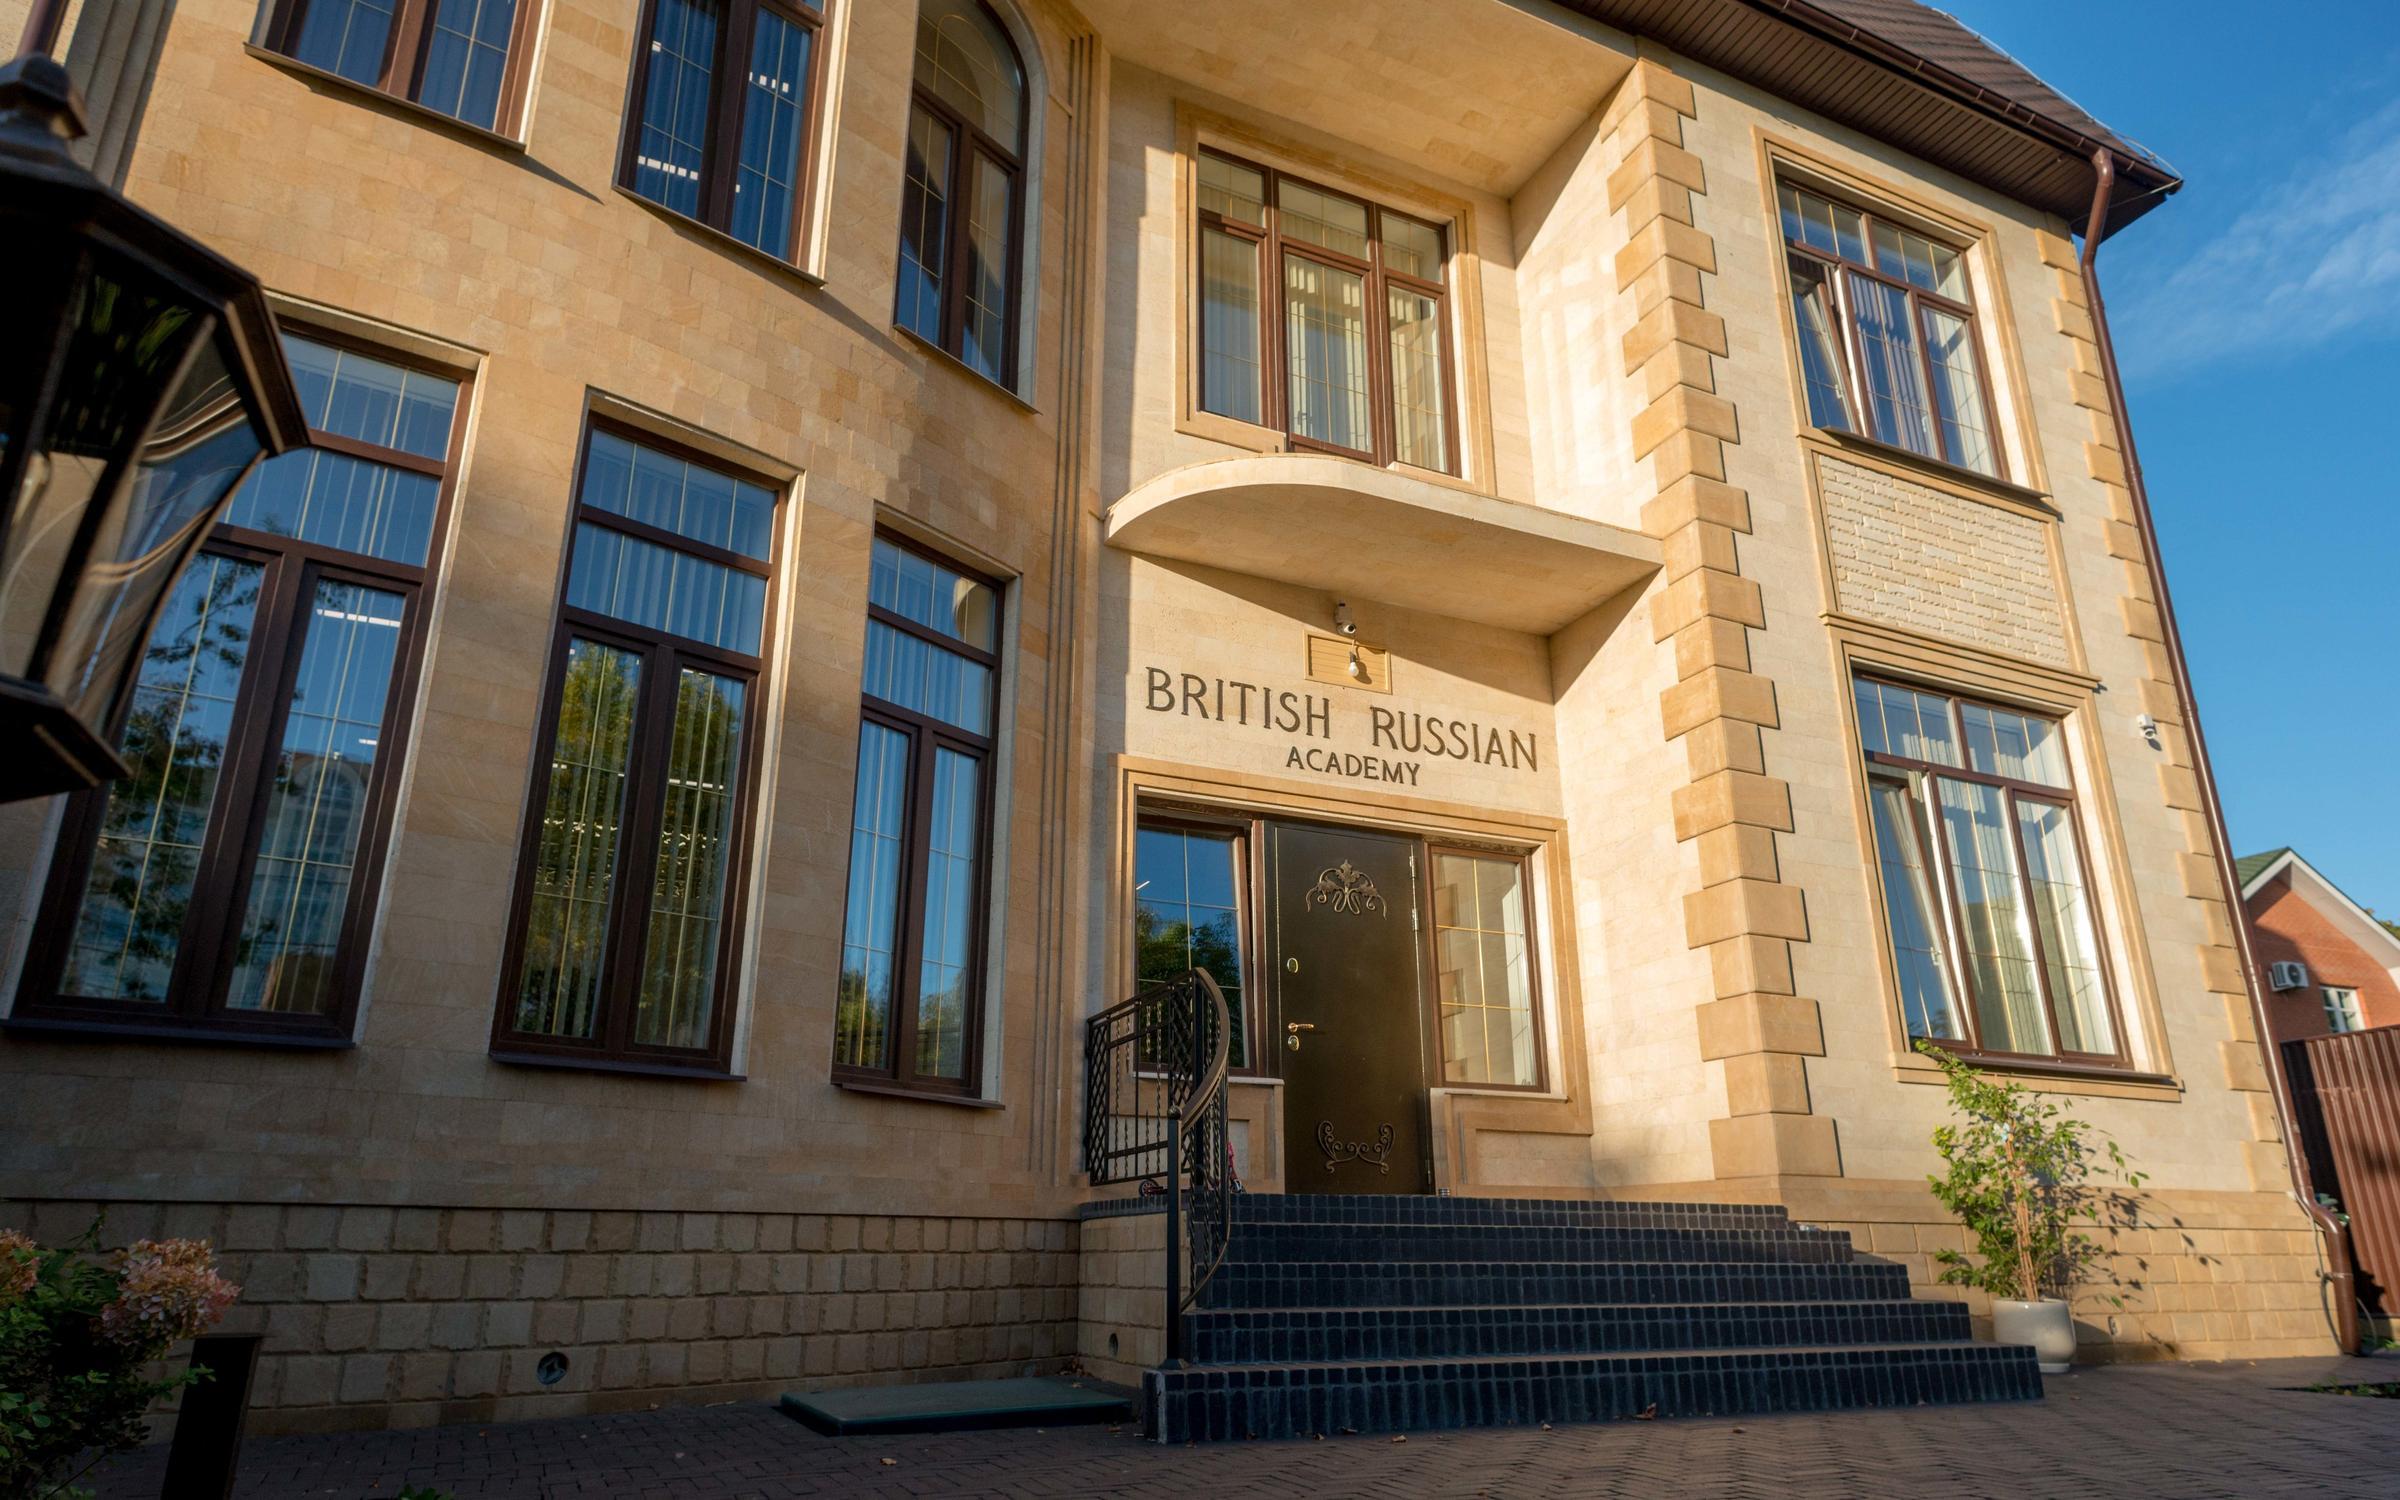 фотография Образовательного центра British Russian Academy на Куркинском шоссе